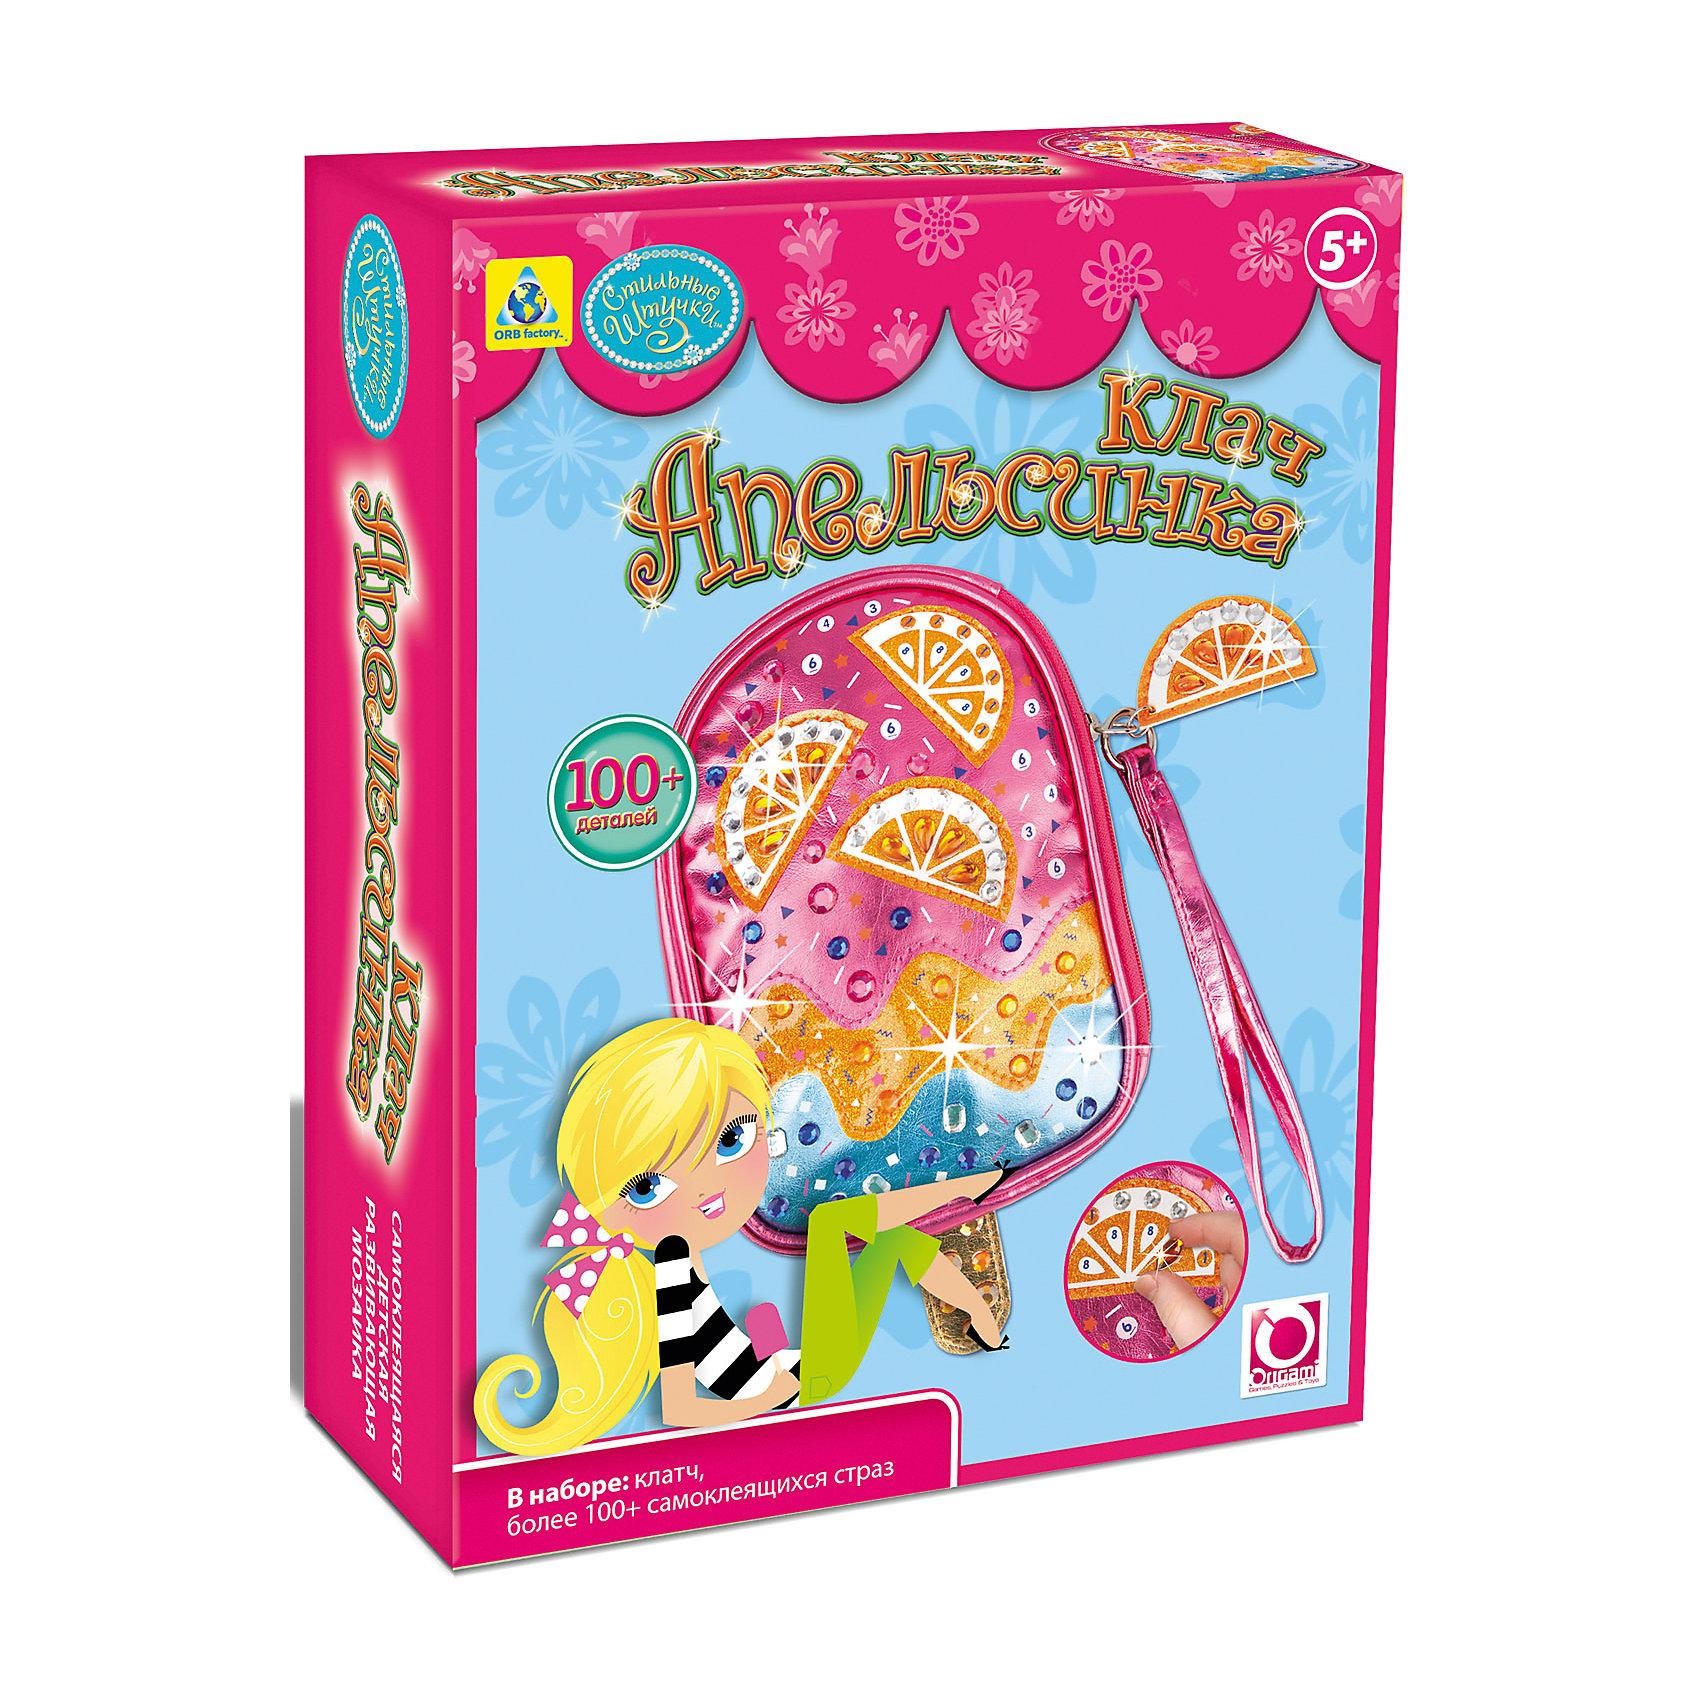 Мозаика-клатч АпельсинкаМозаика детская<br>Произведите впечатление на окружающих вместе со своим ослепительным клатчем! Следуйте нумерации и приклейте декоративные элементы к клатчу «Апельсинка», который имеет необычную форму мороженого на палочке! Наденьте ленточку на запястье и этот модный аксессуар дополнит любой наряд! В наборе: • 1 клатч «Апельсинка» • 100+ сверкающих страз Дизайн моделей разработан в США.5+<br><br>Ширина мм: 178<br>Глубина мм: 64<br>Высота мм: 229<br>Вес г: 151<br>Возраст от месяцев: 60<br>Возраст до месяцев: 96<br>Пол: Женский<br>Возраст: Детский<br>SKU: 5165751